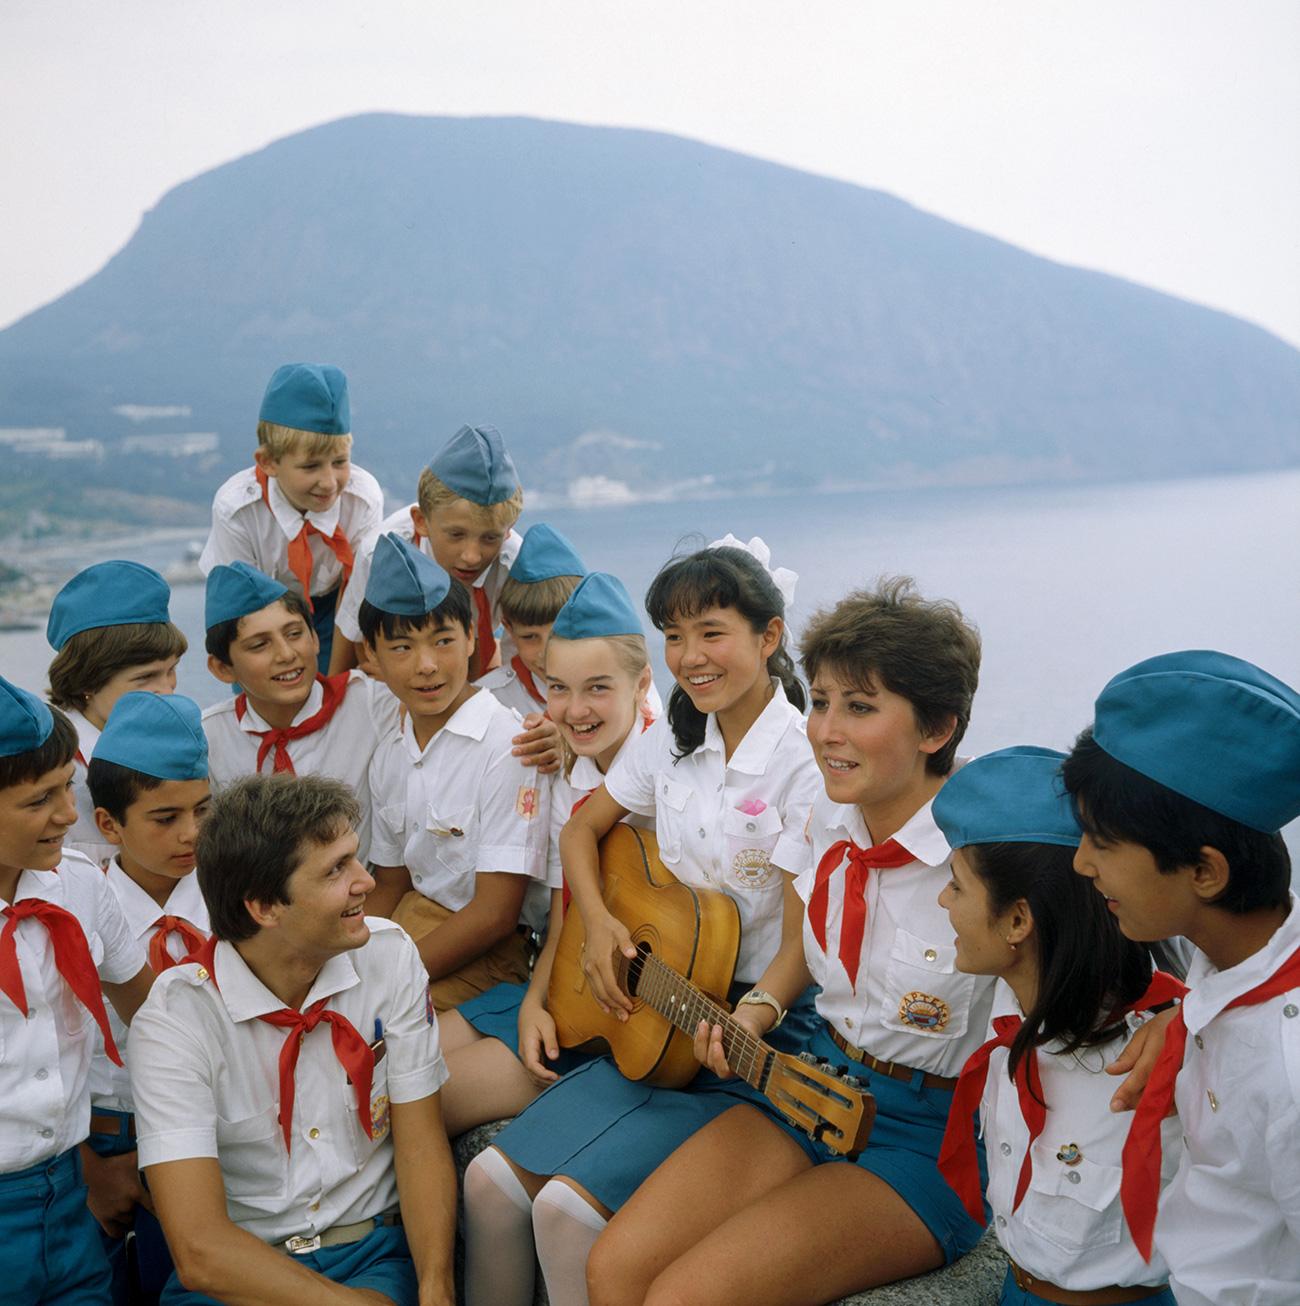 El 1 de agosto de 1987. Fuente: Konstantin Dudchenko/TASS